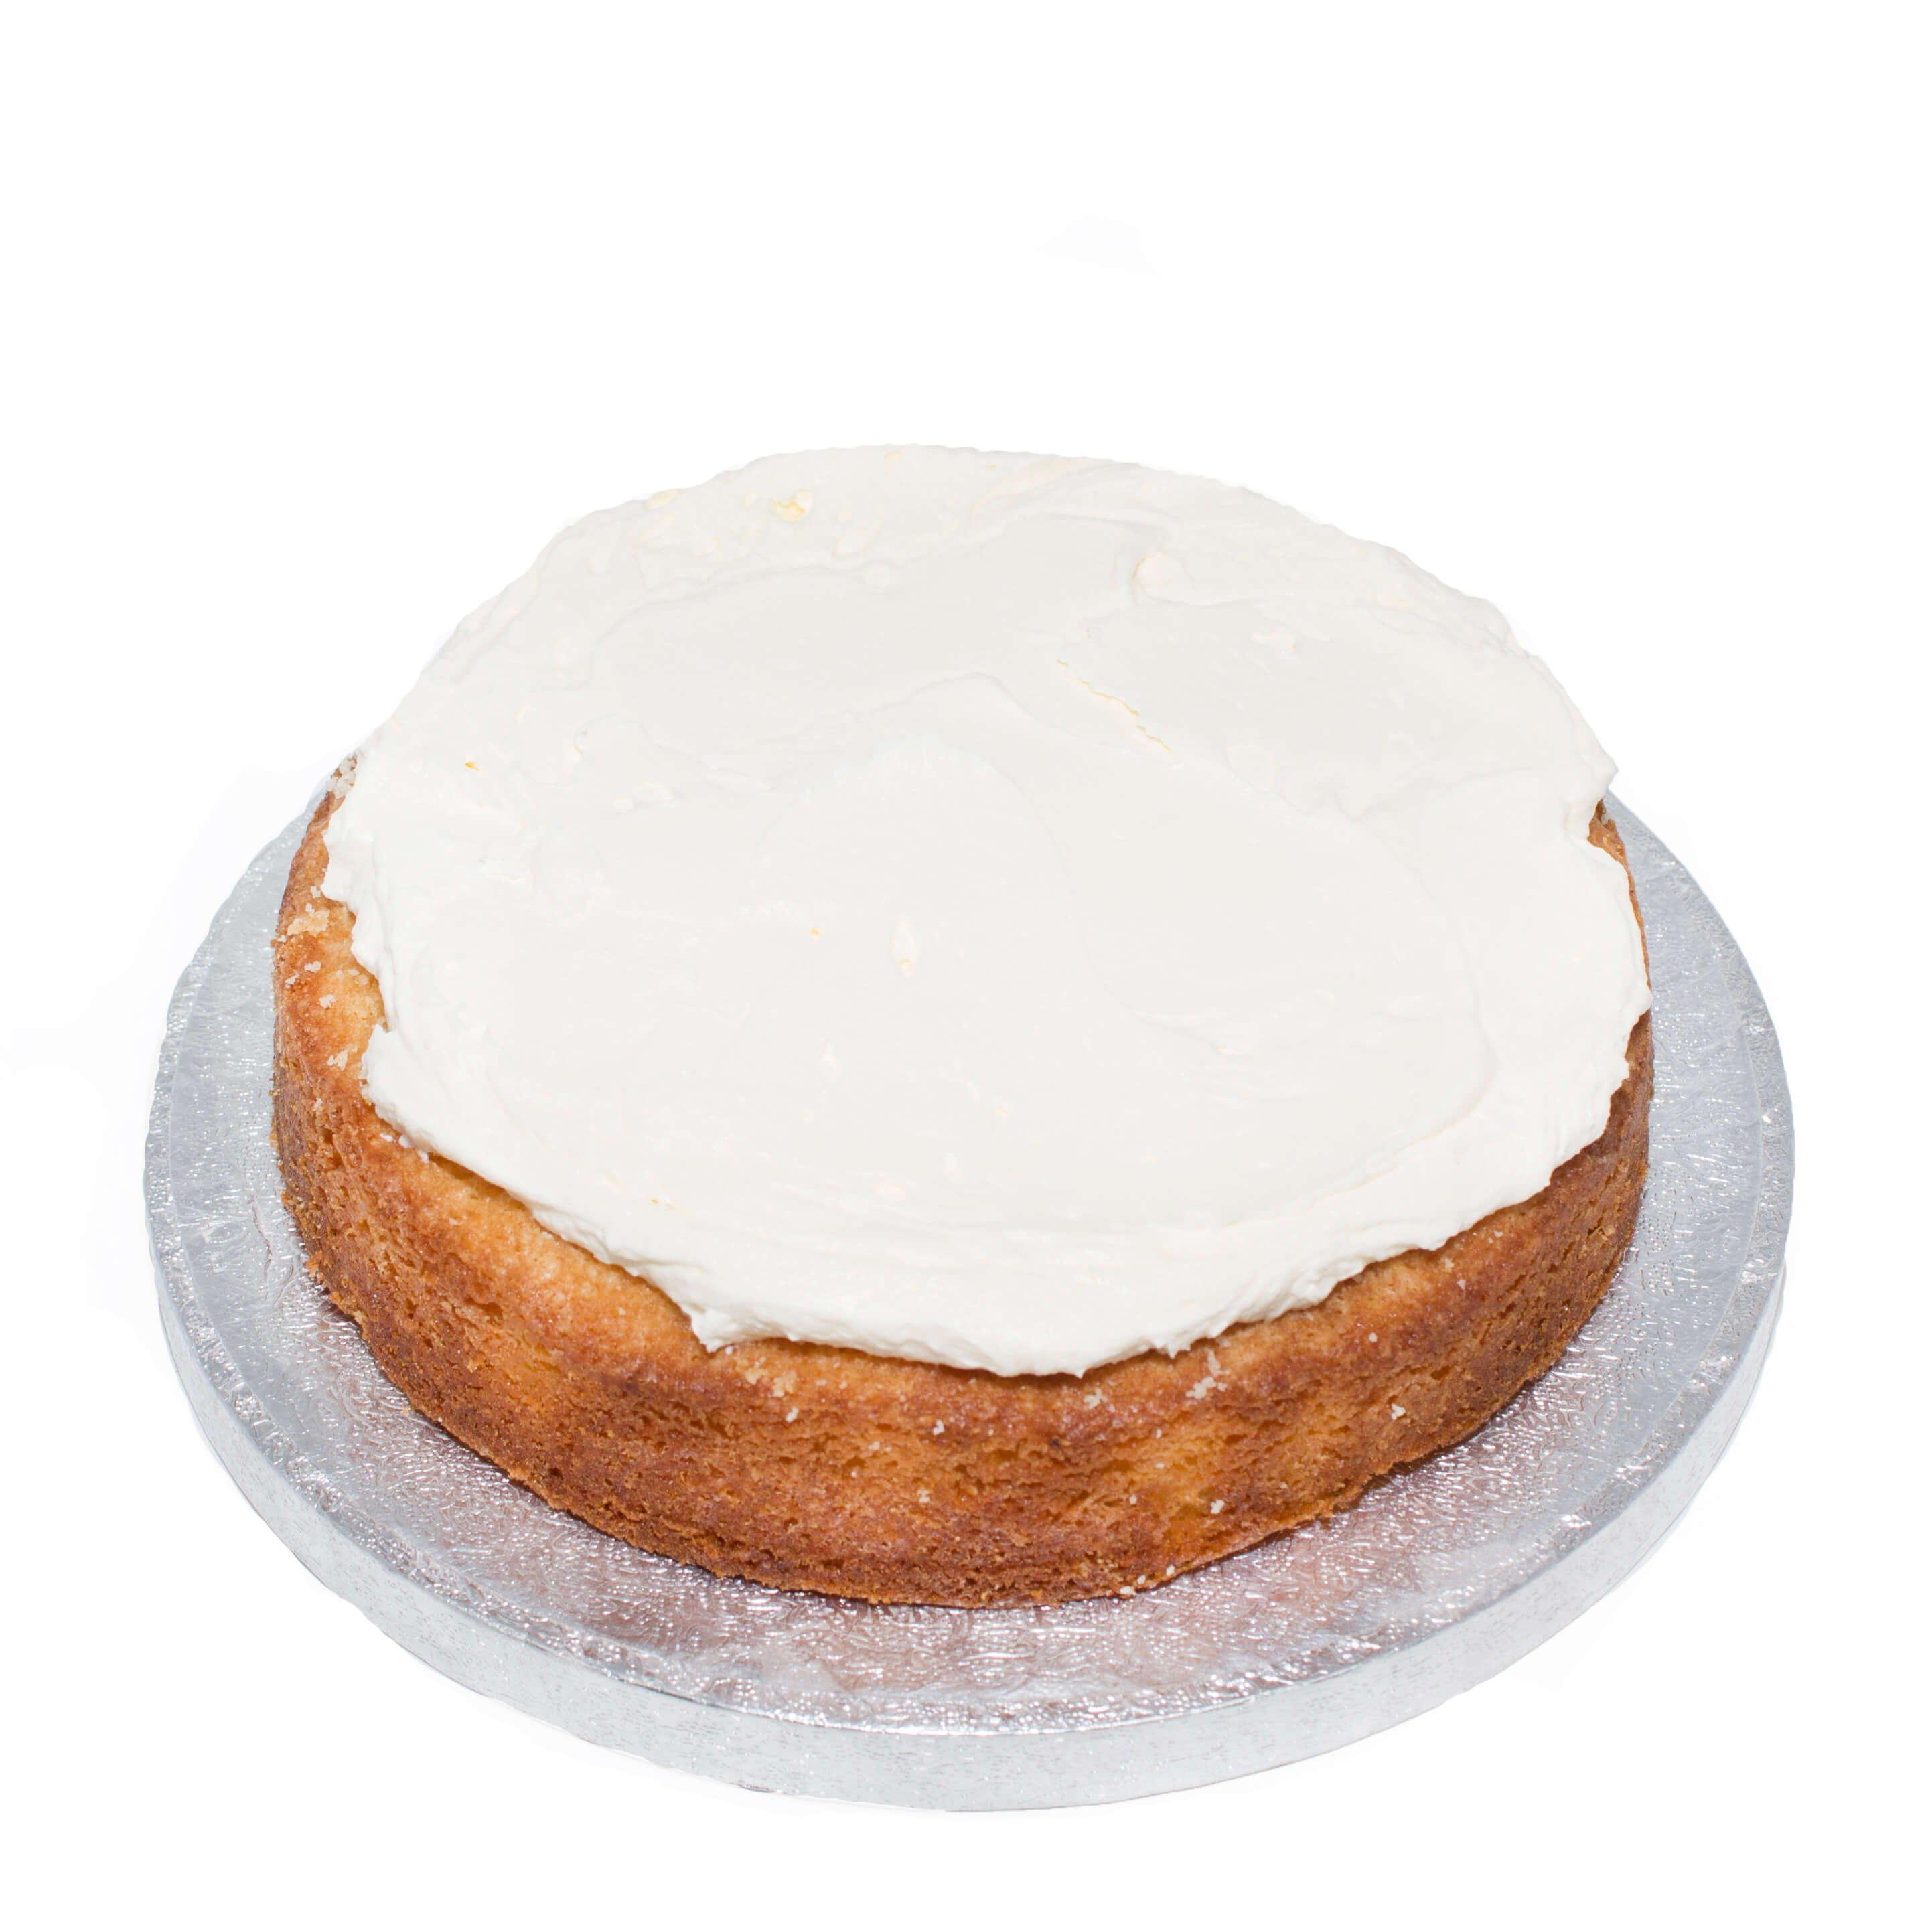 Zesty Lemon cake and icing kit